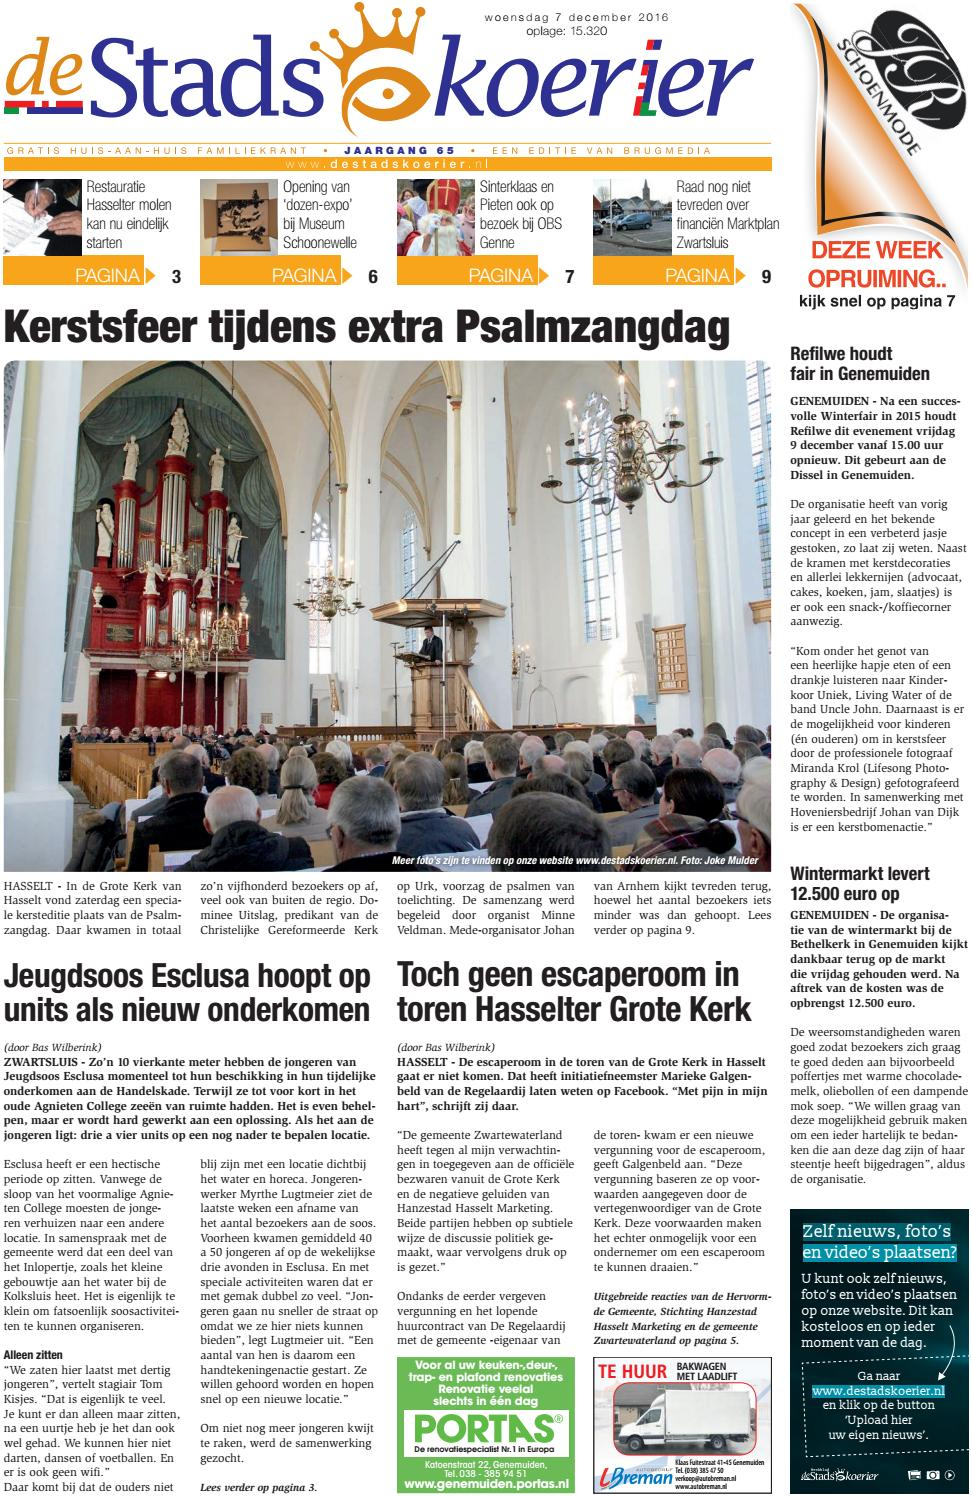 071216 stadskoerier by BrugMedia B.V. issuu